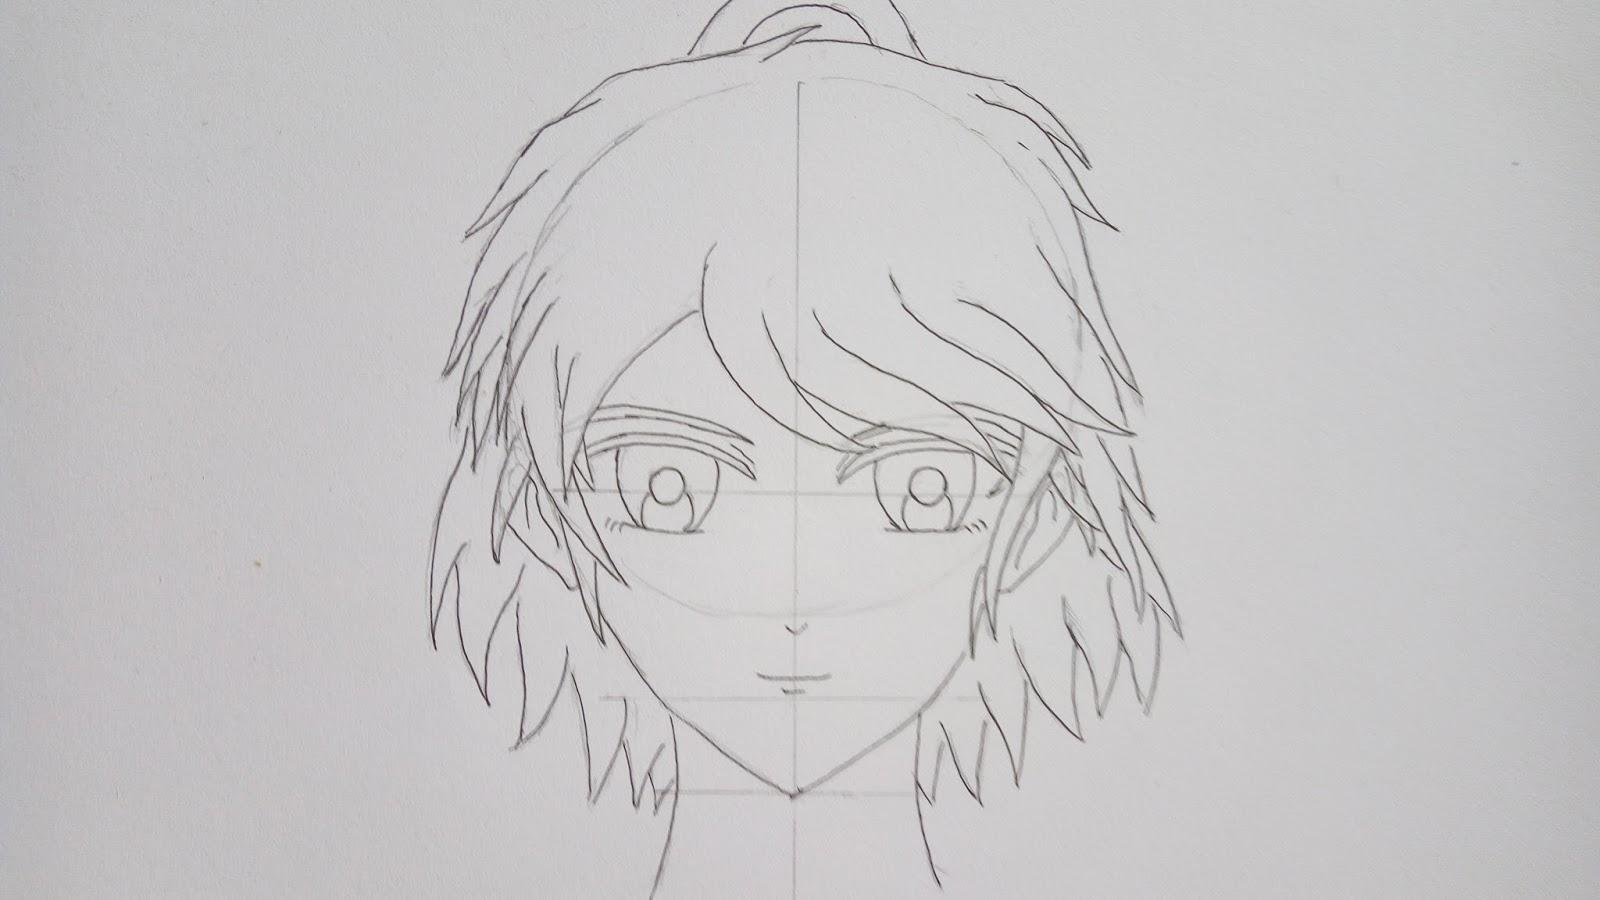 Tebalkan garis tapi bukan garis sketsa menggunakan drawing pen atau jika anda tidak mempunyai drawing pen anda bisa menggunakan pensil